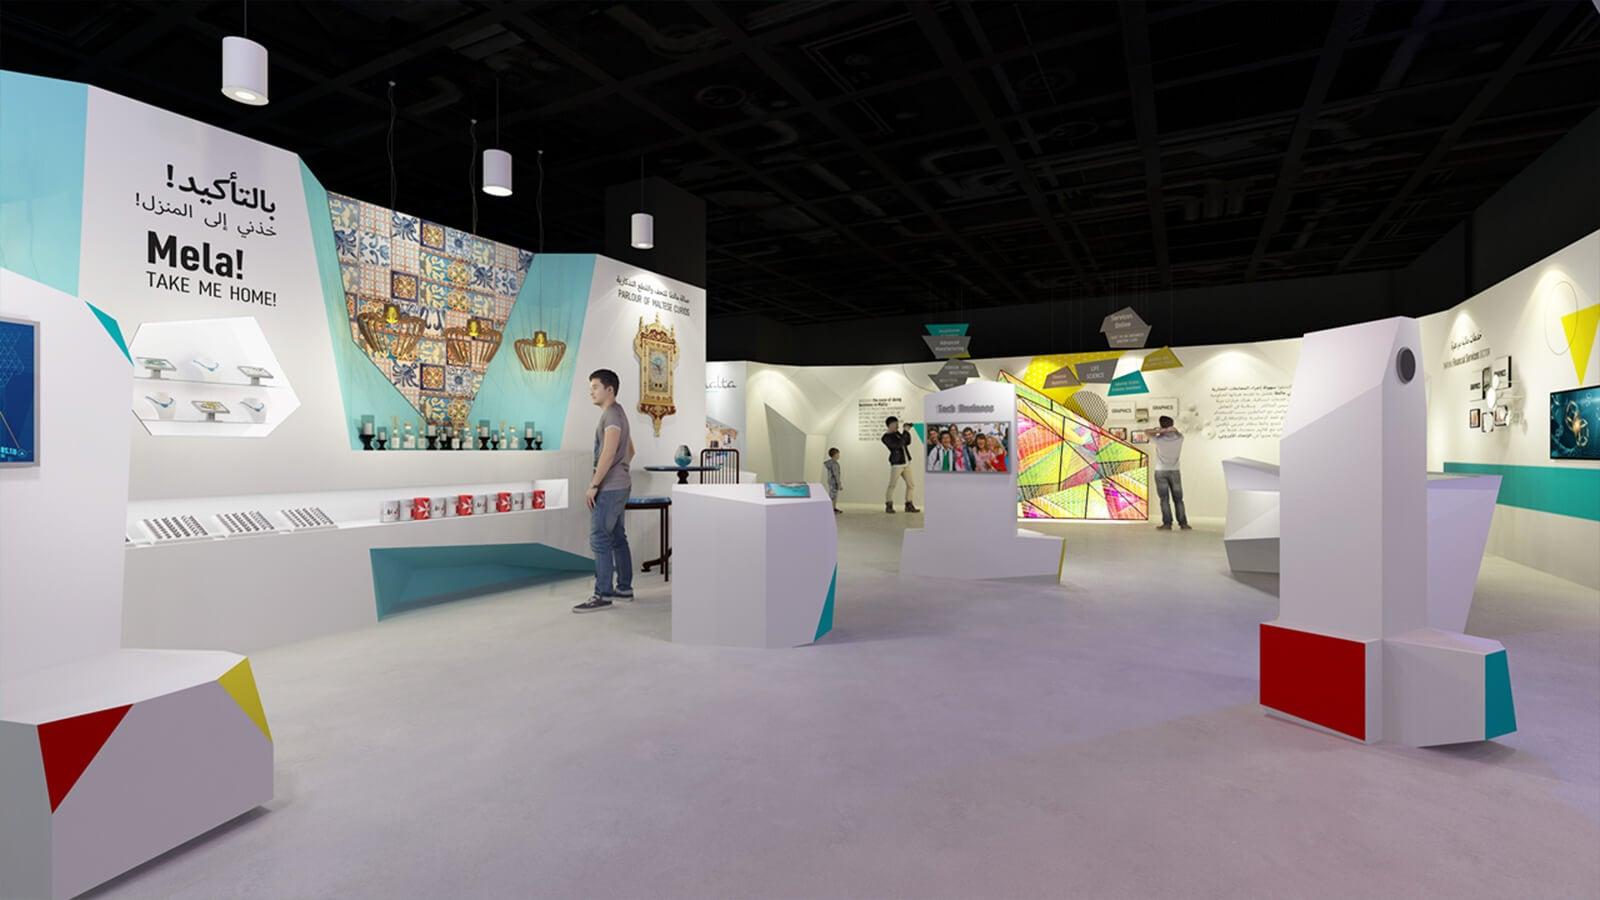 Malta Dubai Expo 2020